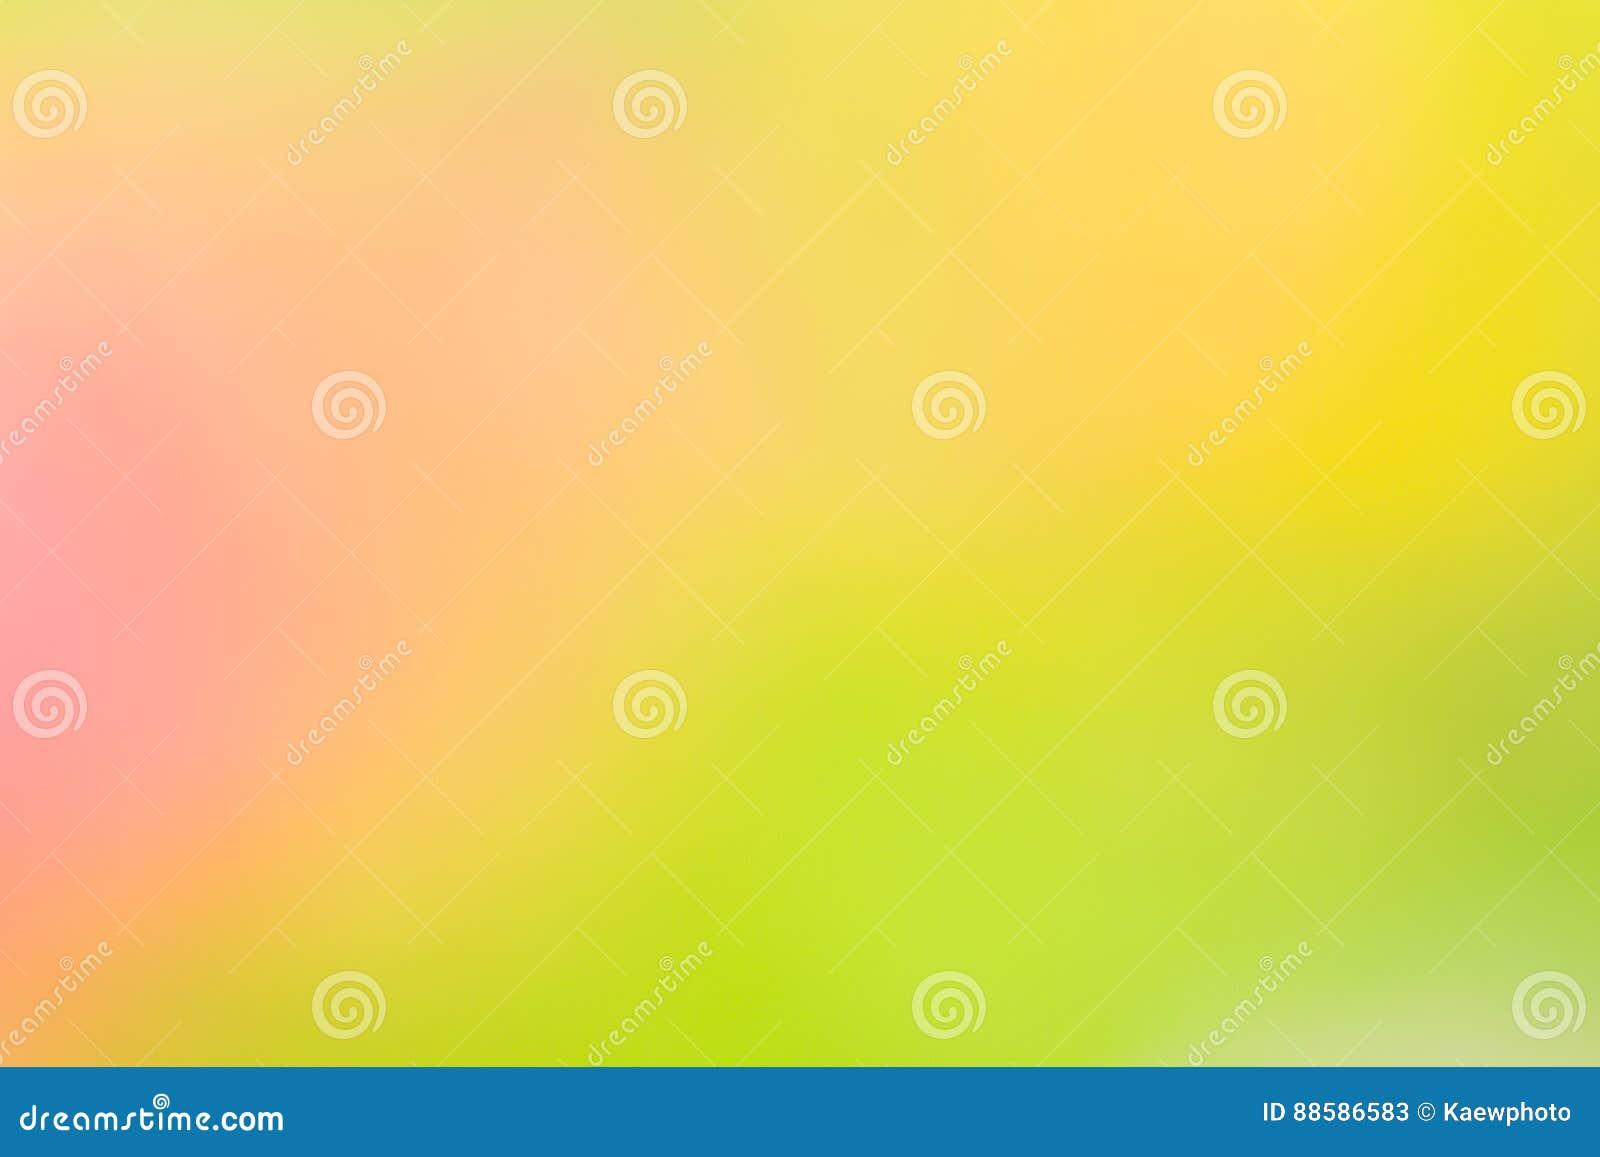 Sfondo Naturale Astratto Giallo E Verde Illustrazione Di Stock